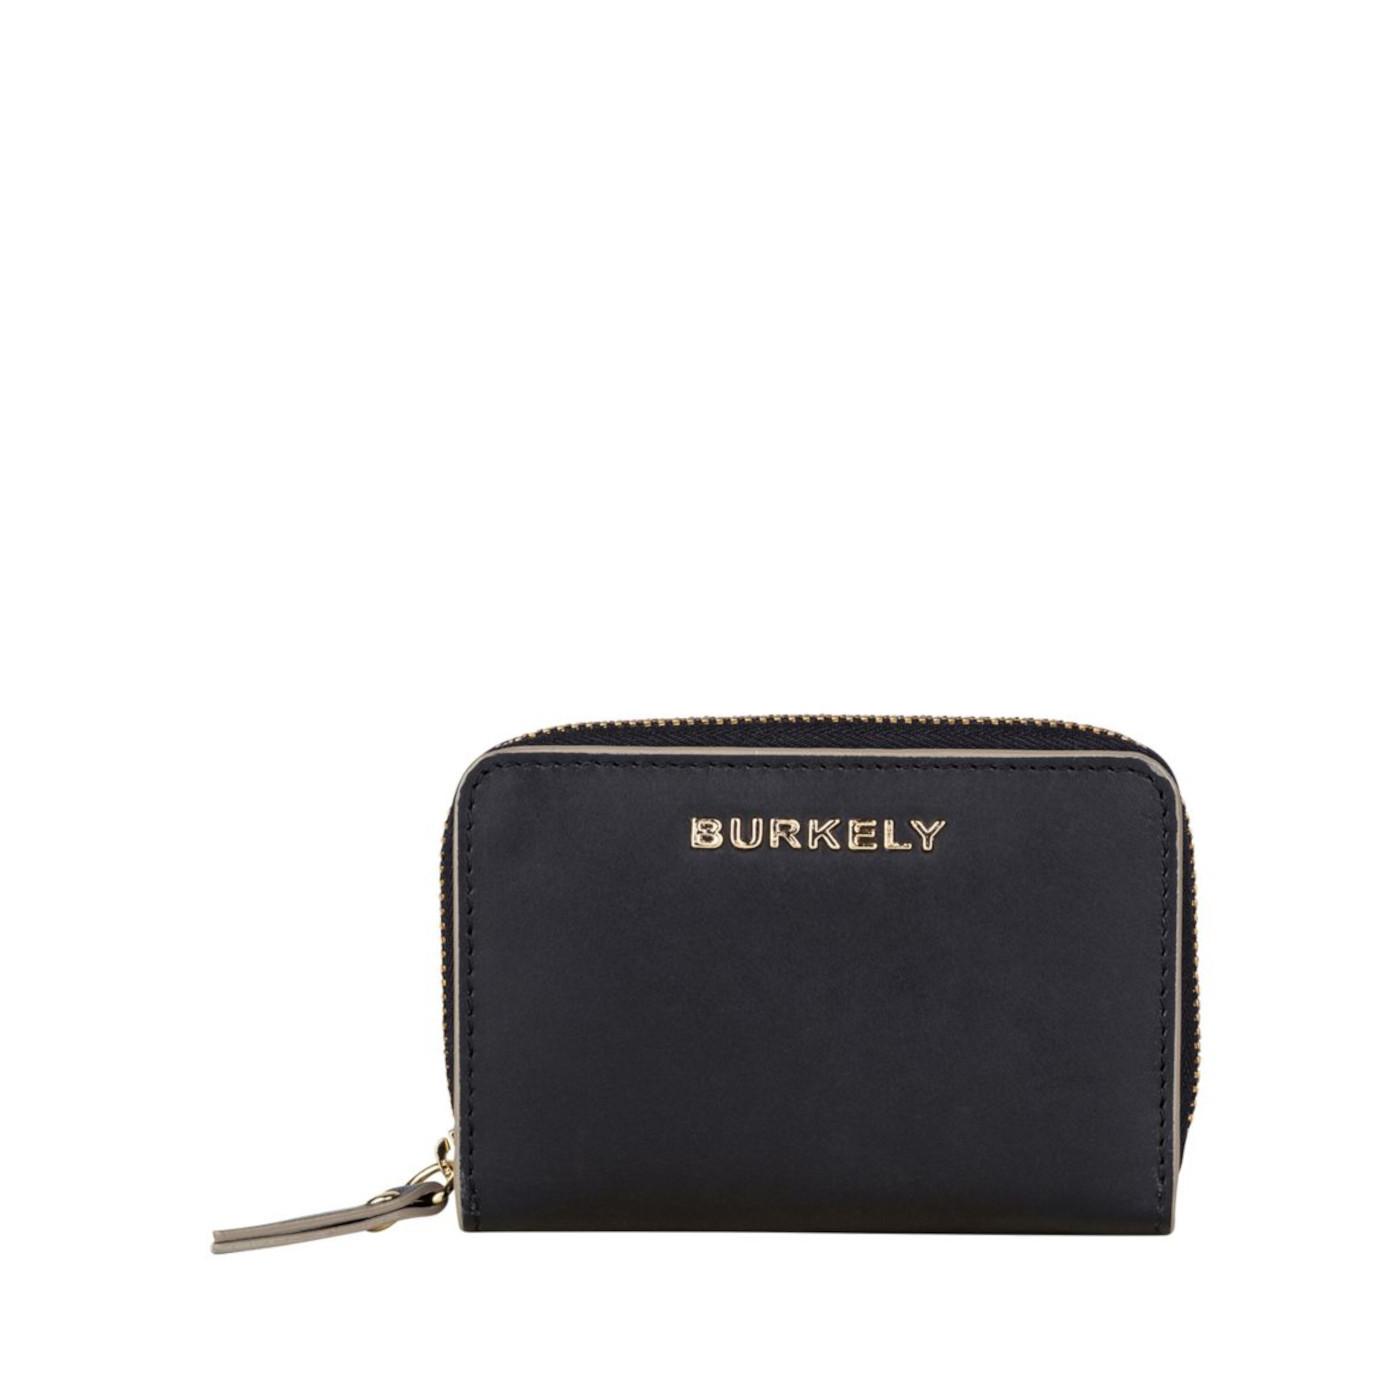 Burkely Parisian Paige Black Wallet 1000110.43.10